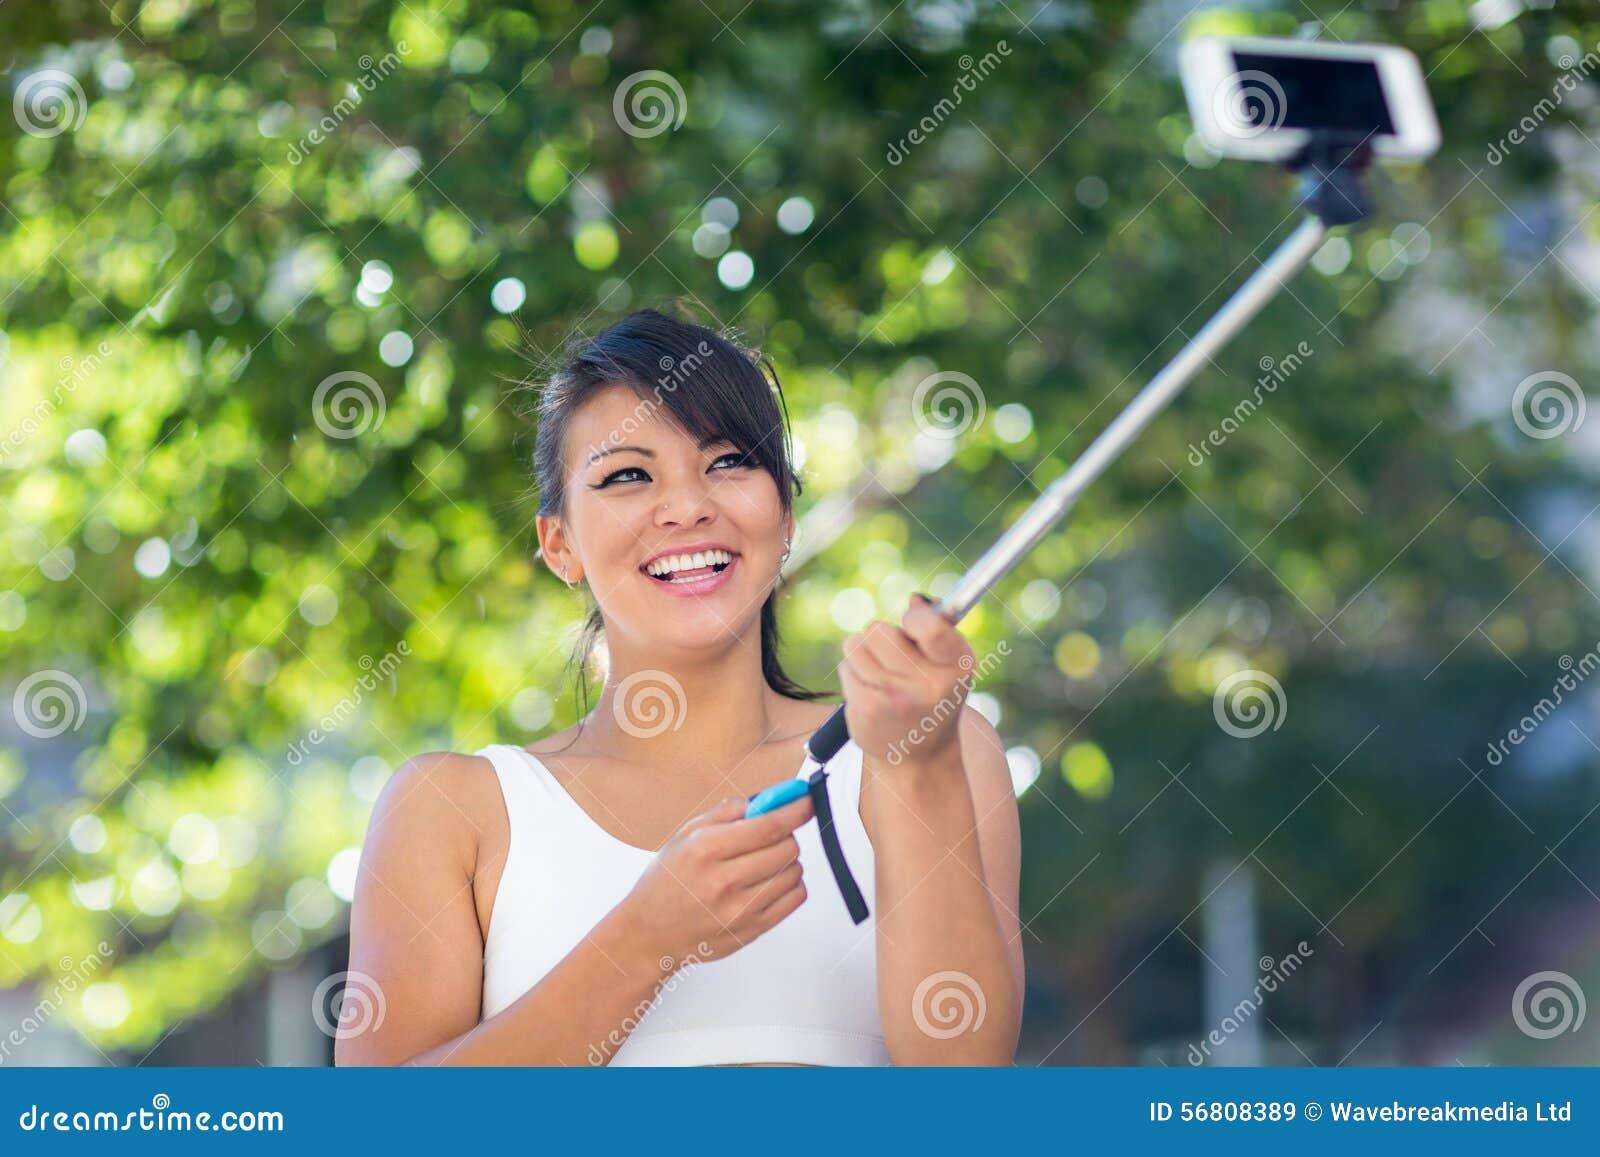 Mujer atlética sonriente que toma selfies con el selfiestick